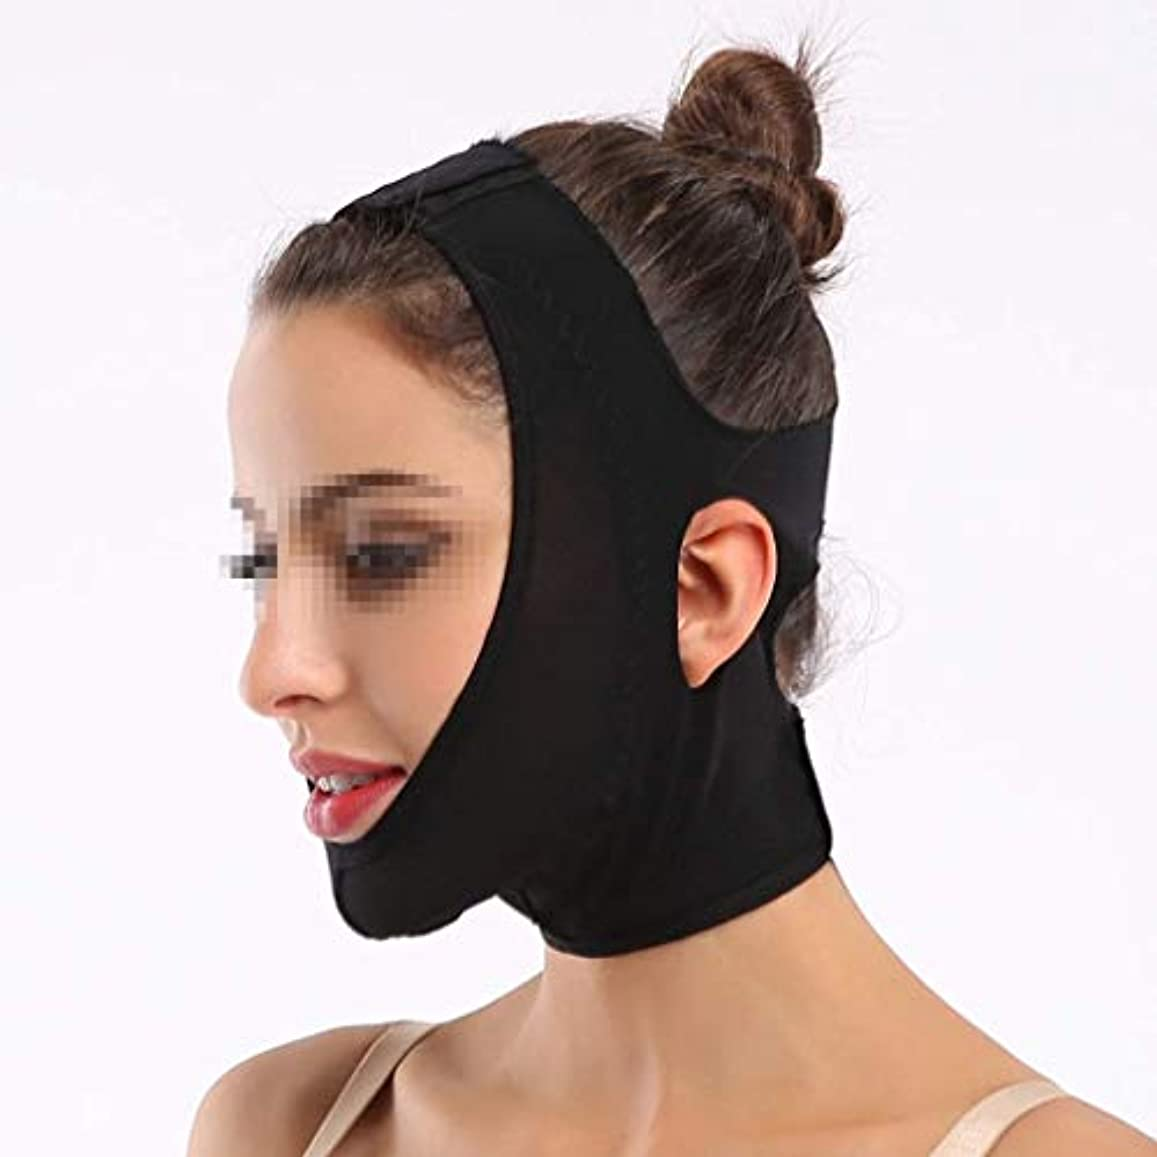 バンカー競合他社選手取り扱いVフェイスマスク、包帯マスクを持ち上げて引き締めるスキニービューティーサロン1日2時間Vフェイスマッサージ術後回復